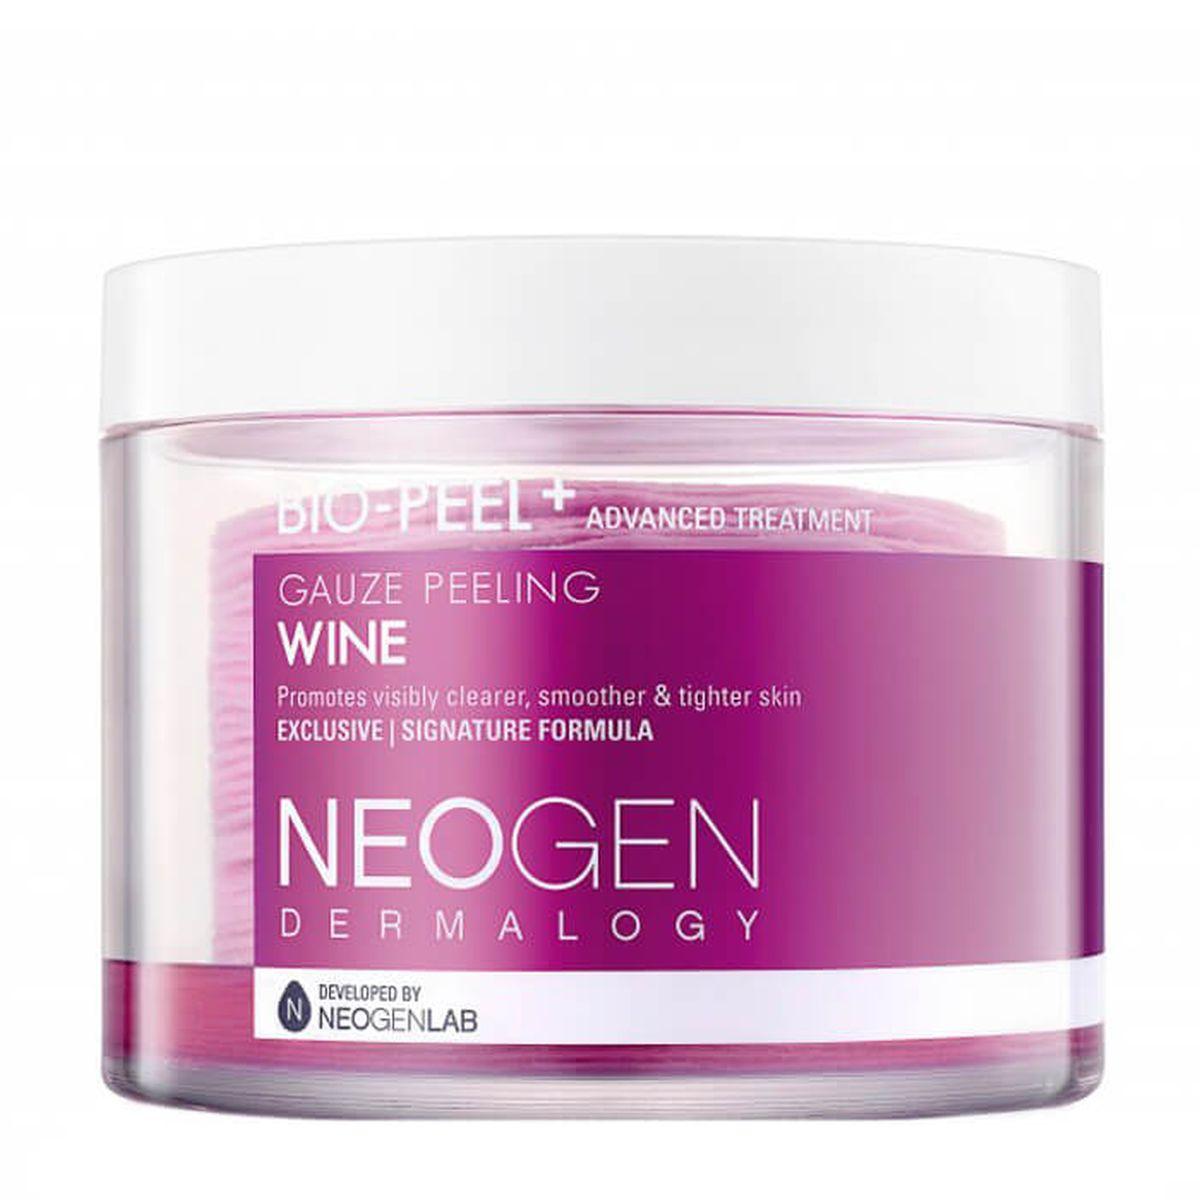 Очищающие пэды с вином Neogen Dermatology Bio-Peel Gauze Peeling Wine - 30 шт